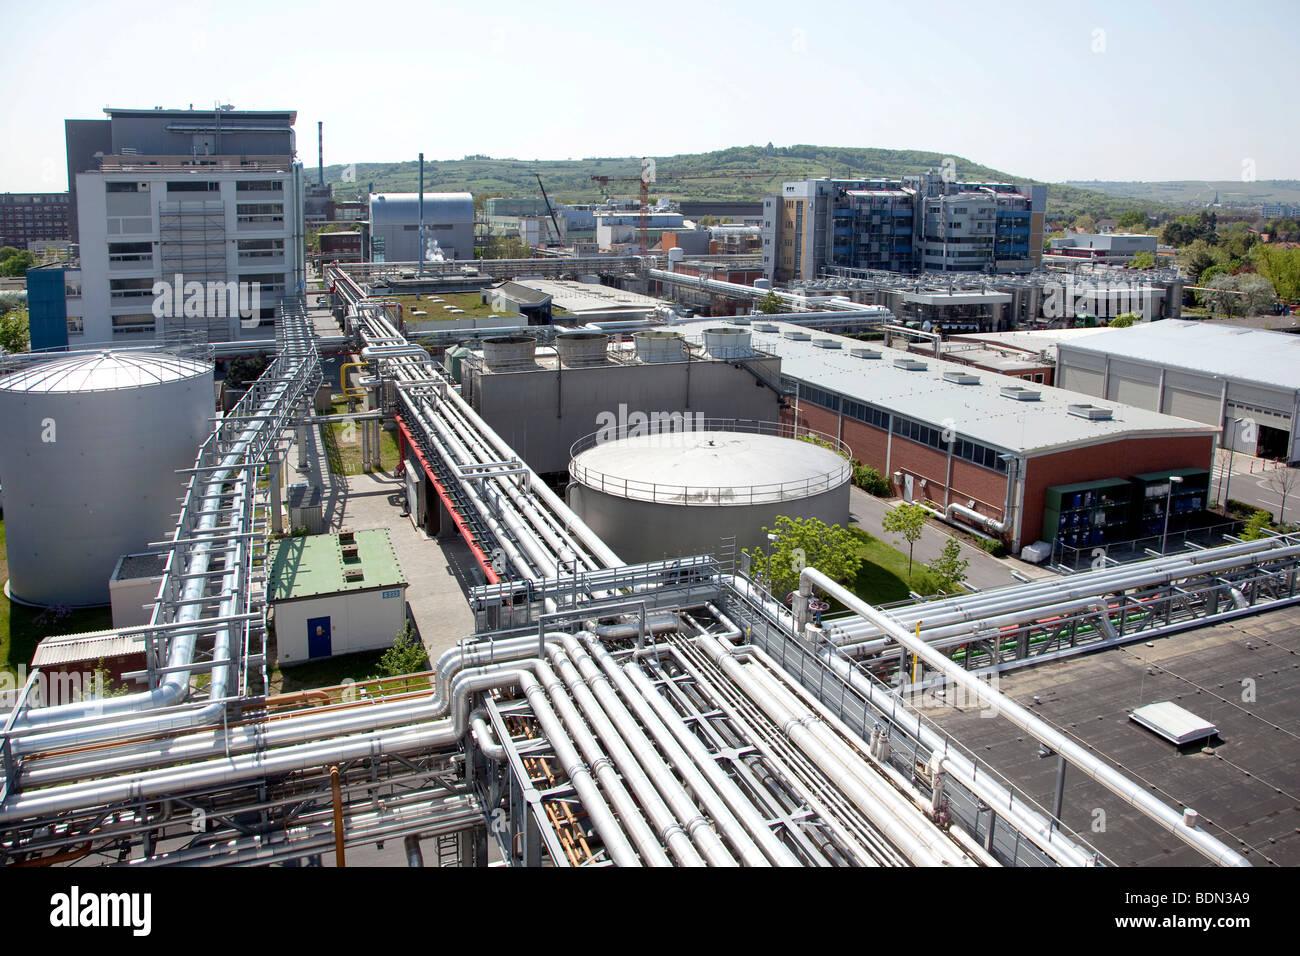 Locaux de l'entreprise pharmaceutique Boehringer Ingelheim GmbH, Ingelheim, Rhénanie-Palatinat, Allemagne, Photo Stock